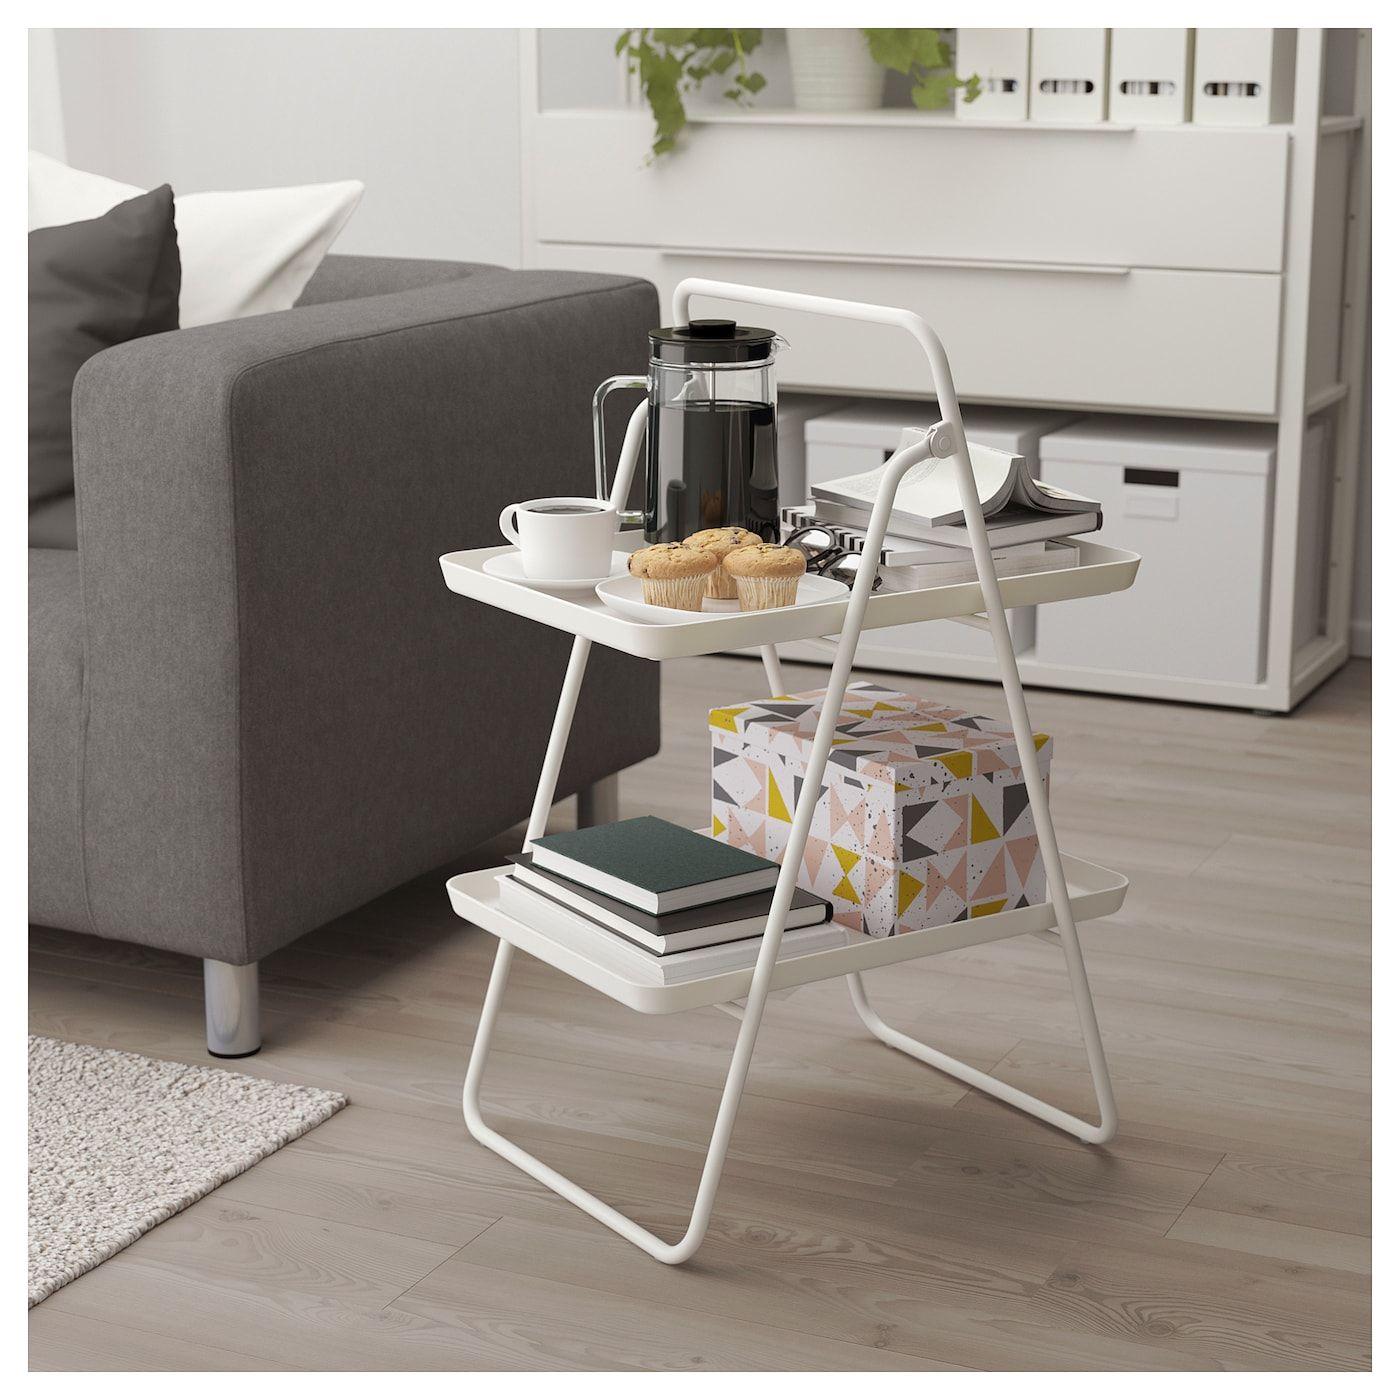 Frische Einrichtungsideen Und Erschwingliche Mobel Ikea Furniture Furniture India [ 1400 x 1400 Pixel ]